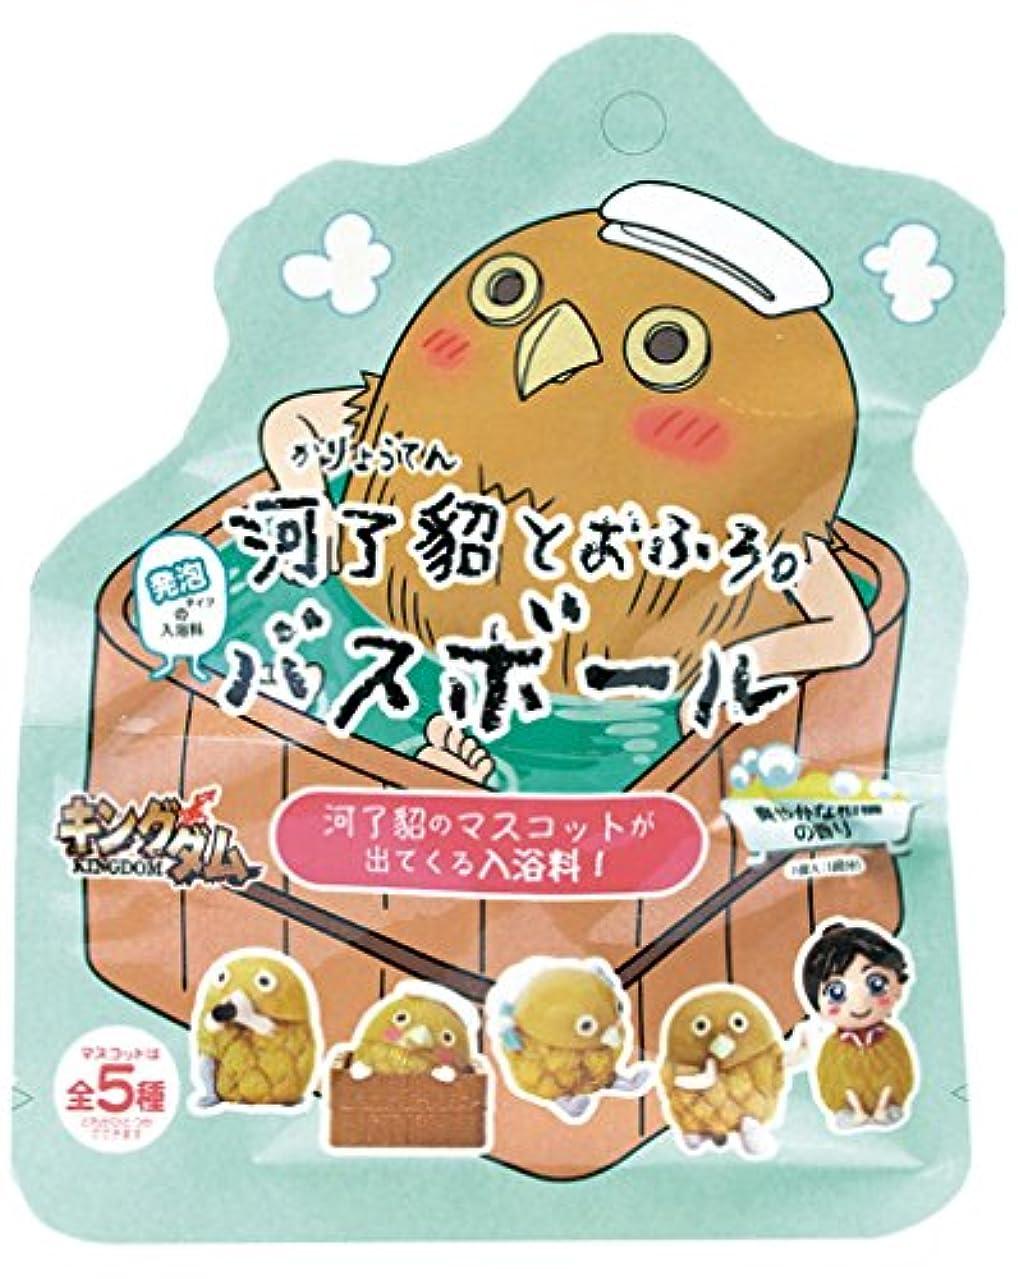 なくなる夢詩キングダム 入浴剤 バスボール 柑橘の香り 60g マスコット入り OB-GMB-1-1